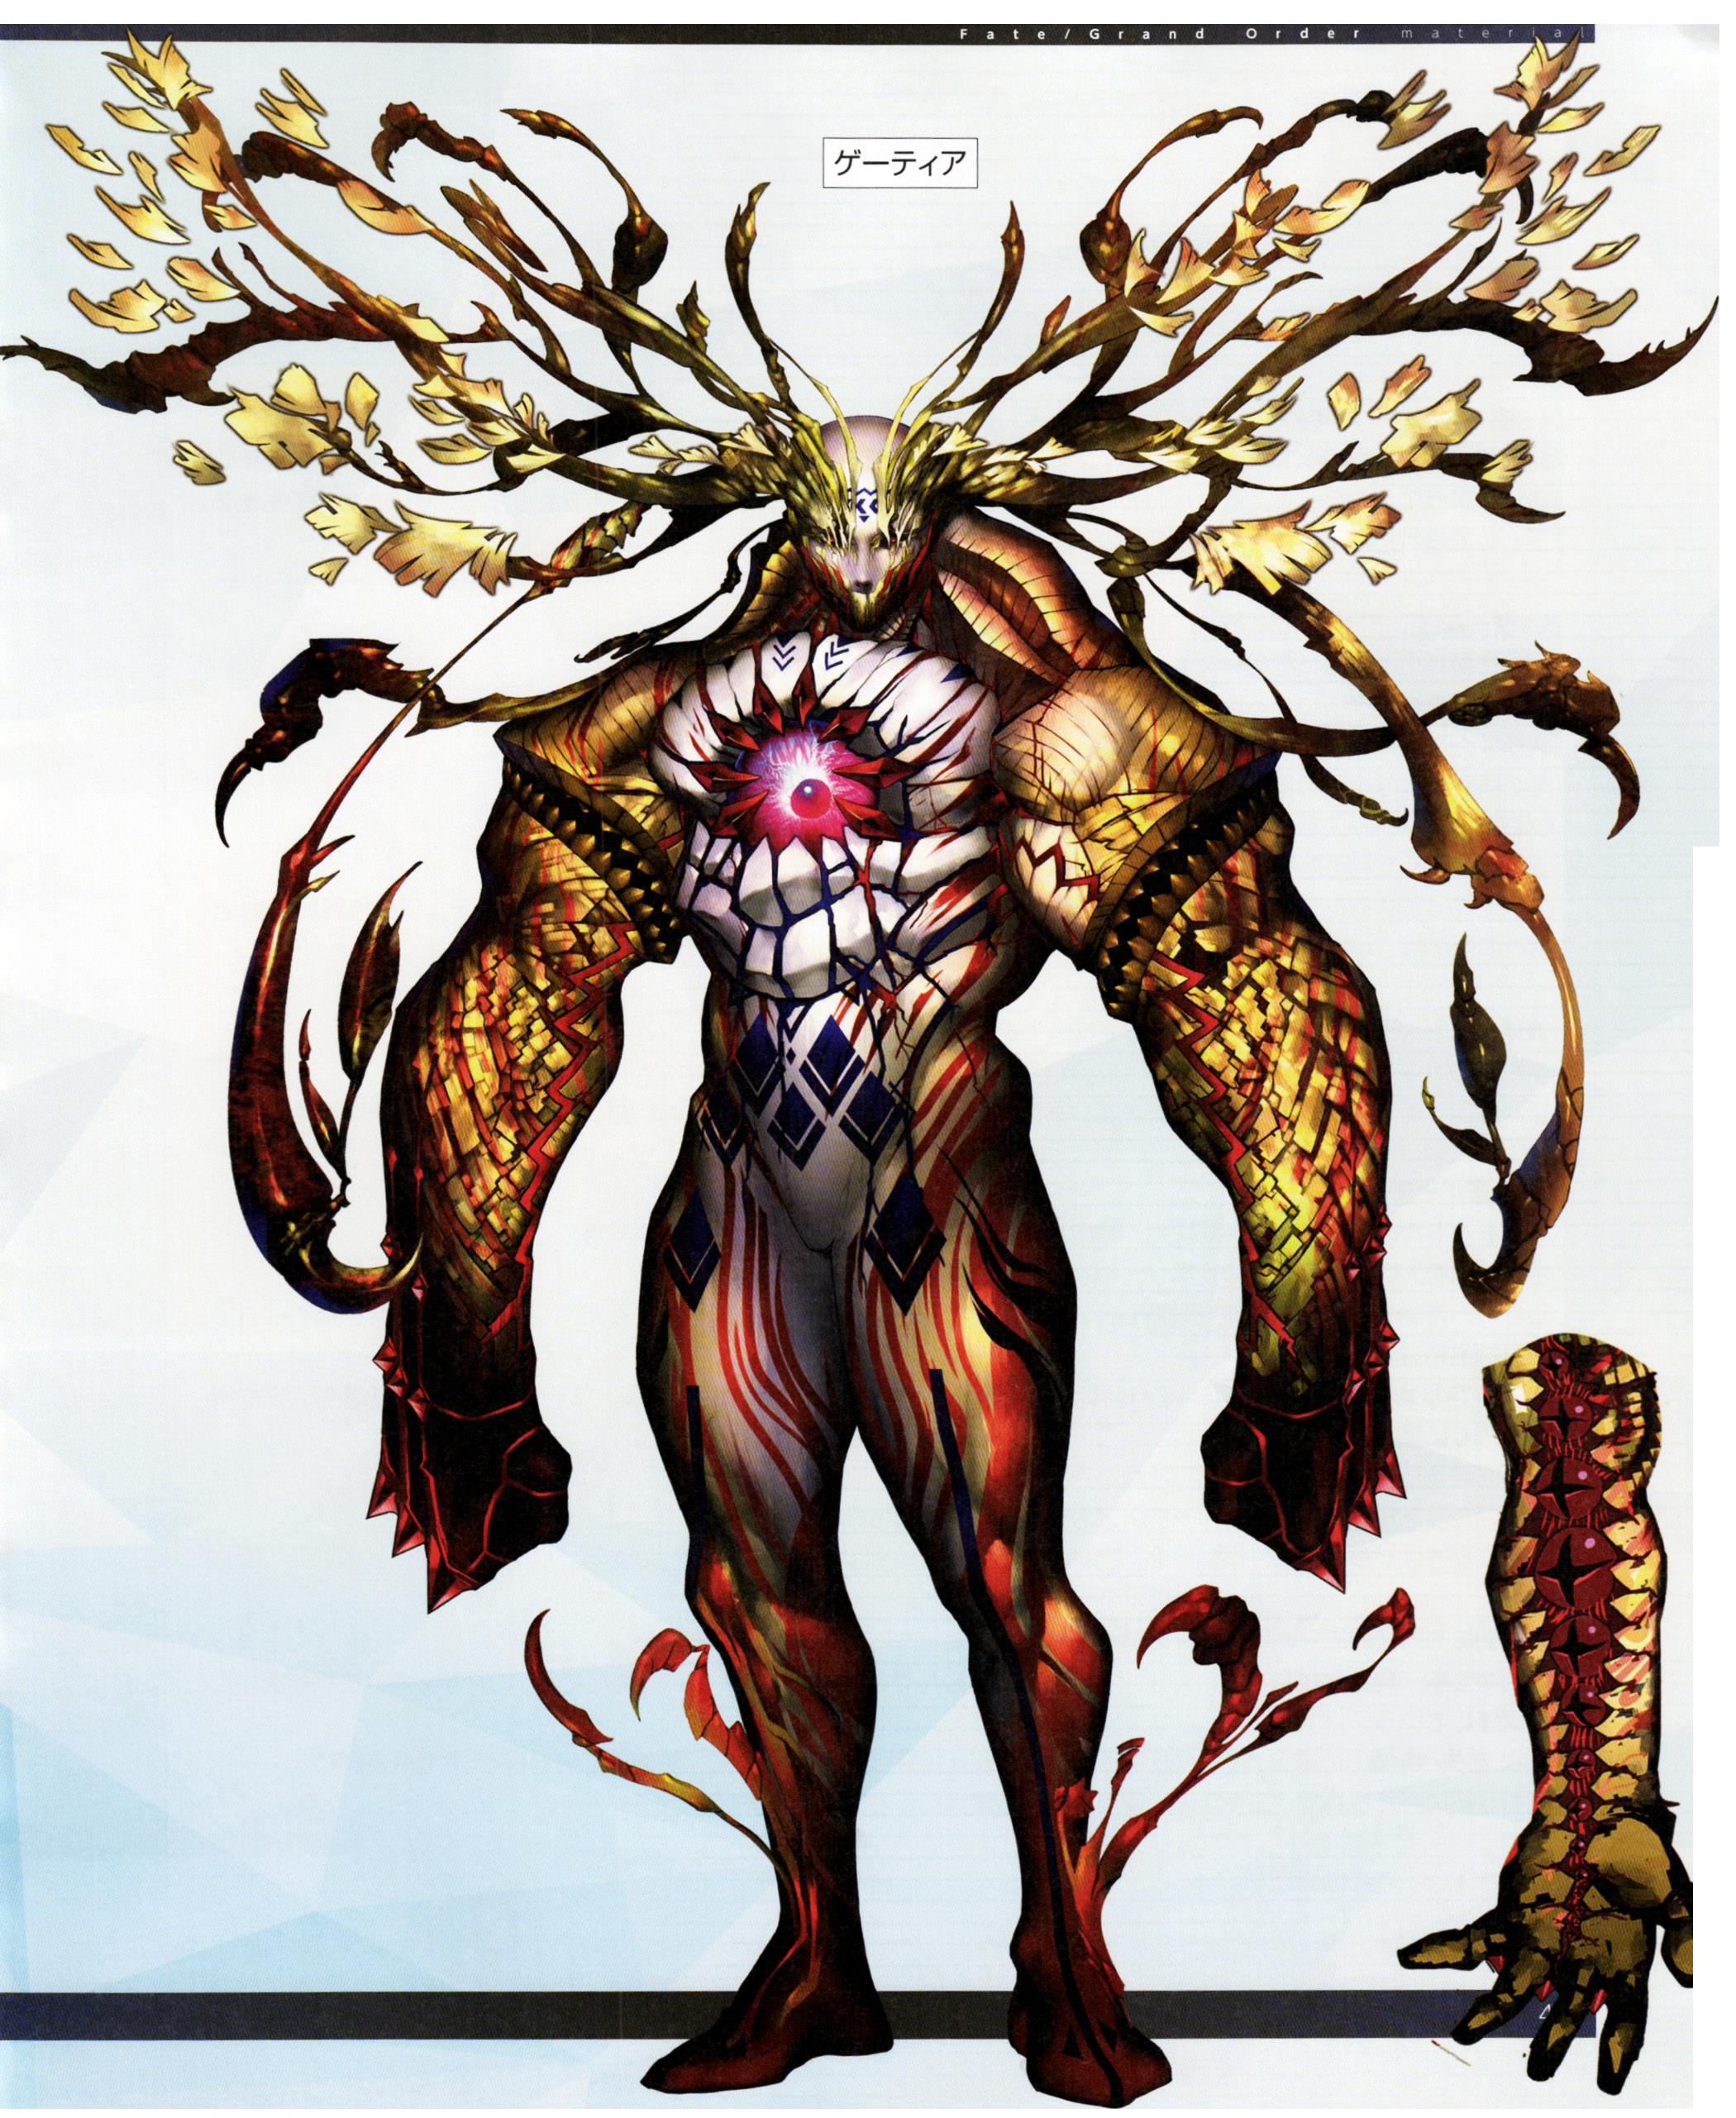 fate beast_Fate/Grand Order/서번트/엑스트라 클래스 - 우만위키